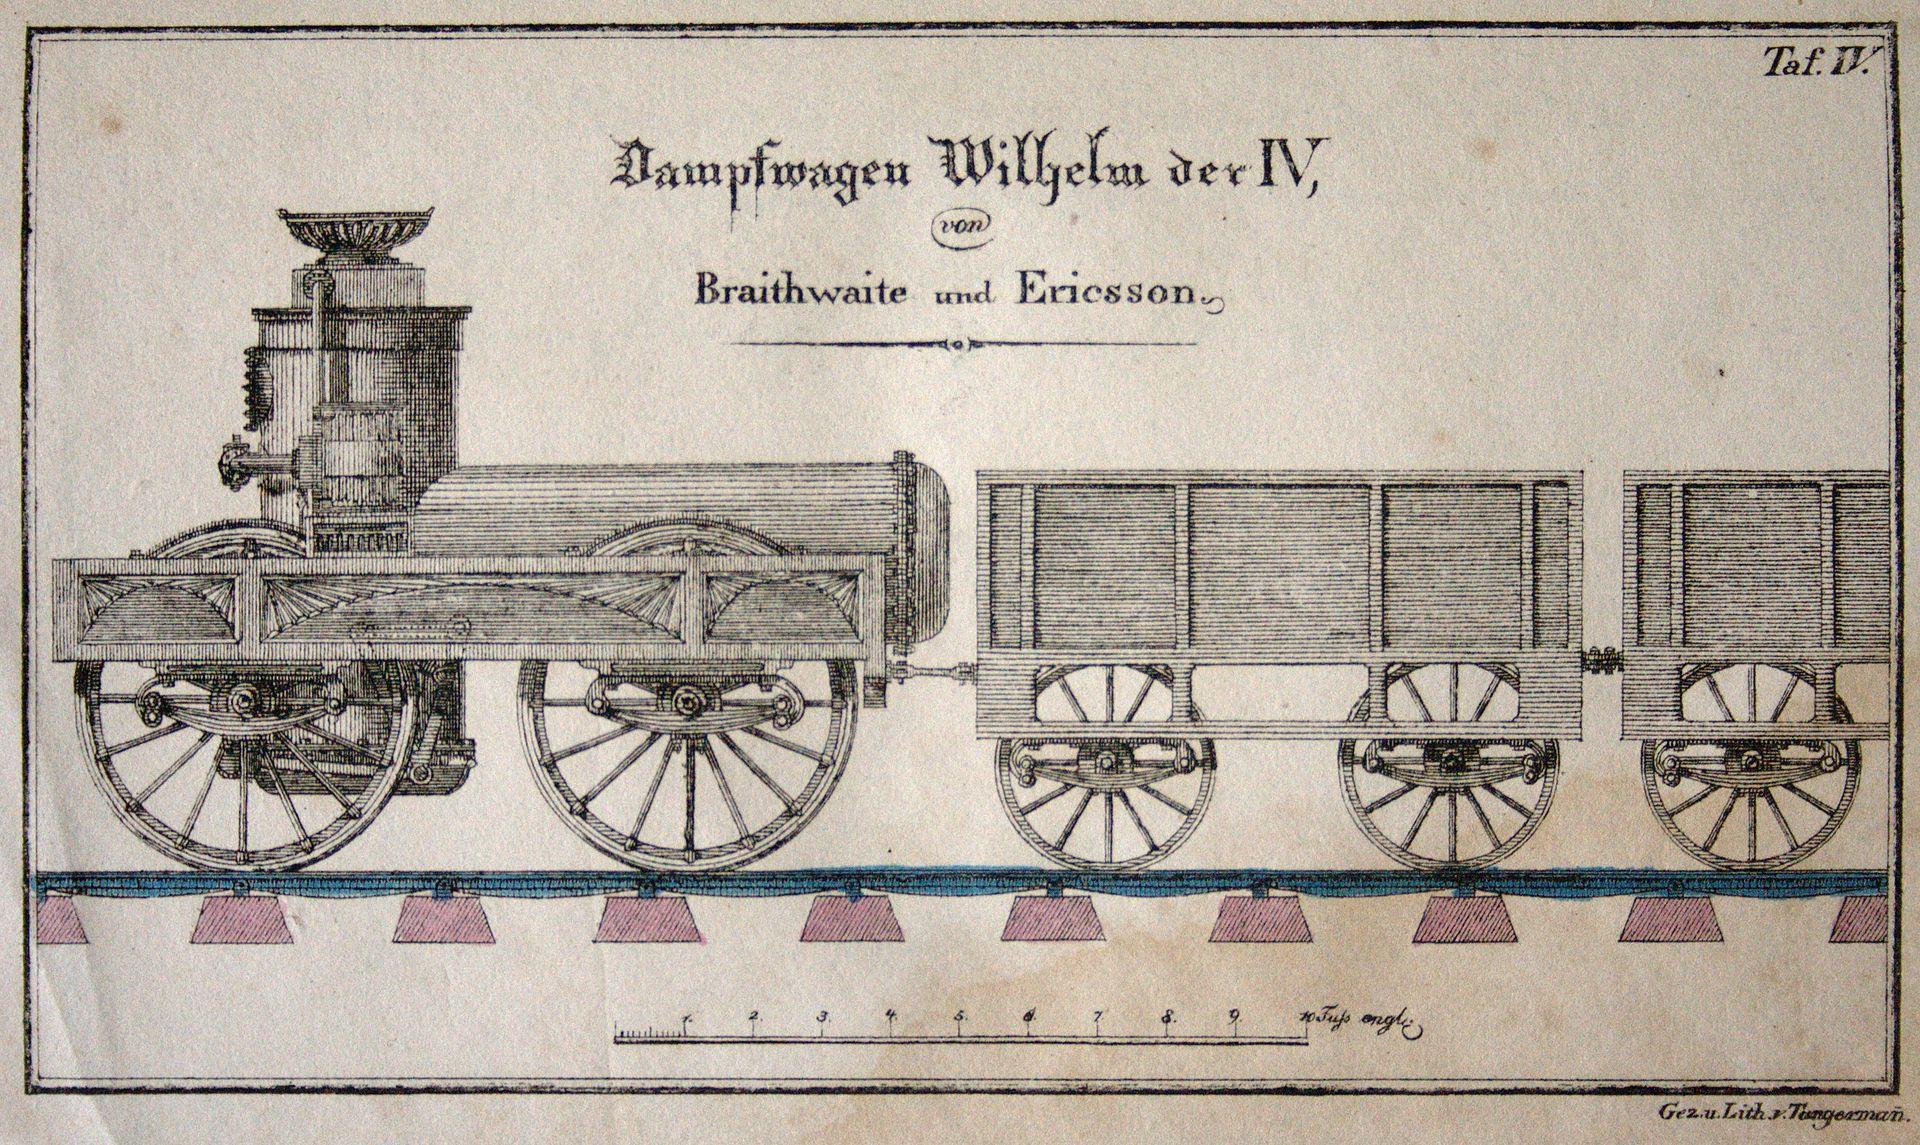 locomotive wilhelm iv dampfwagenwilhelmderiv